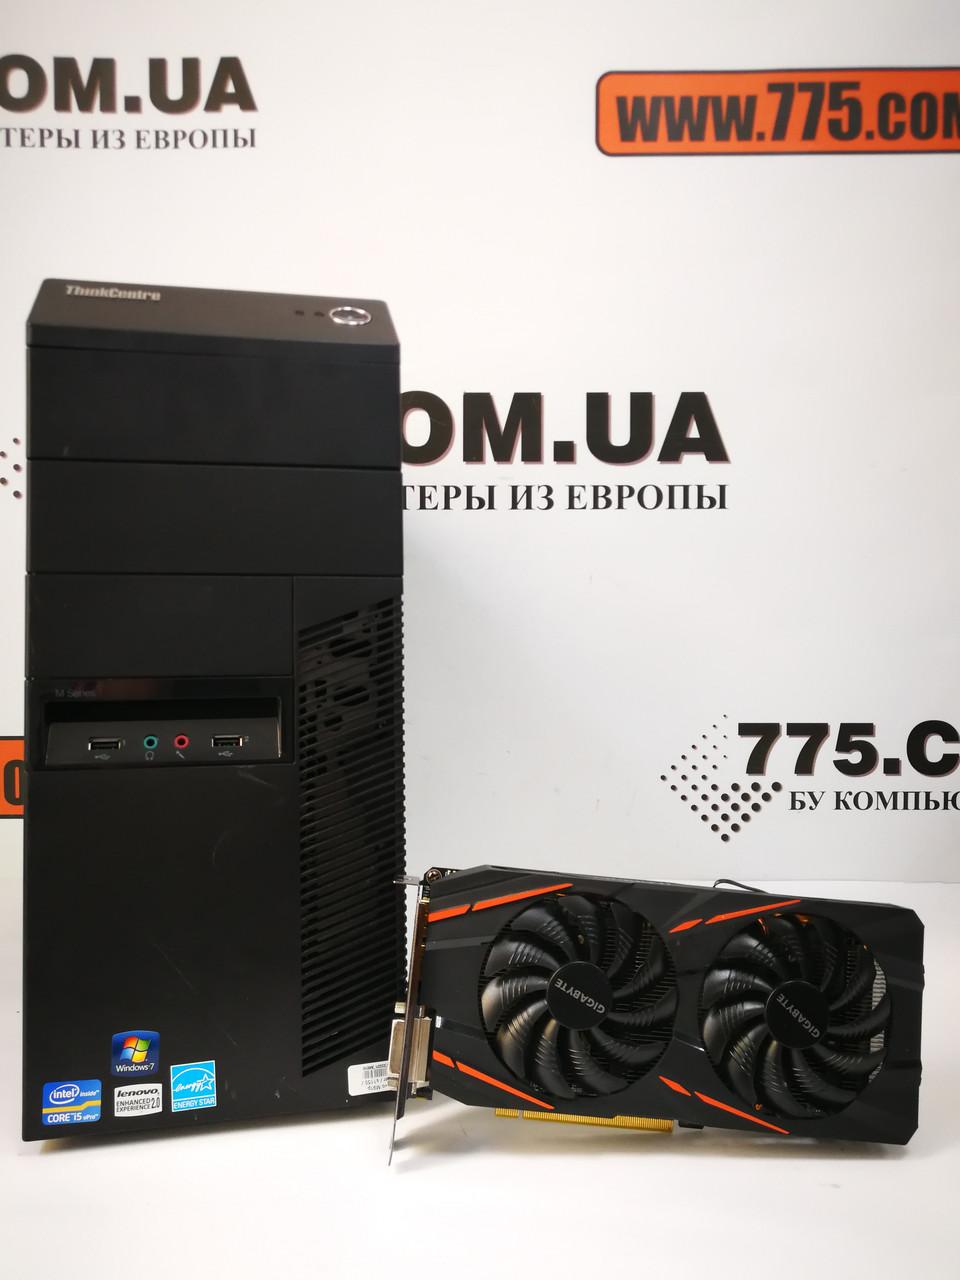 Игровой компьютер Lenovo, Intel Core i5-4570 3.6GHz, RAM 8ГБ, SSD 120ГБ + HDD 500ГБ, GeForce GTX 1060 6ГБ